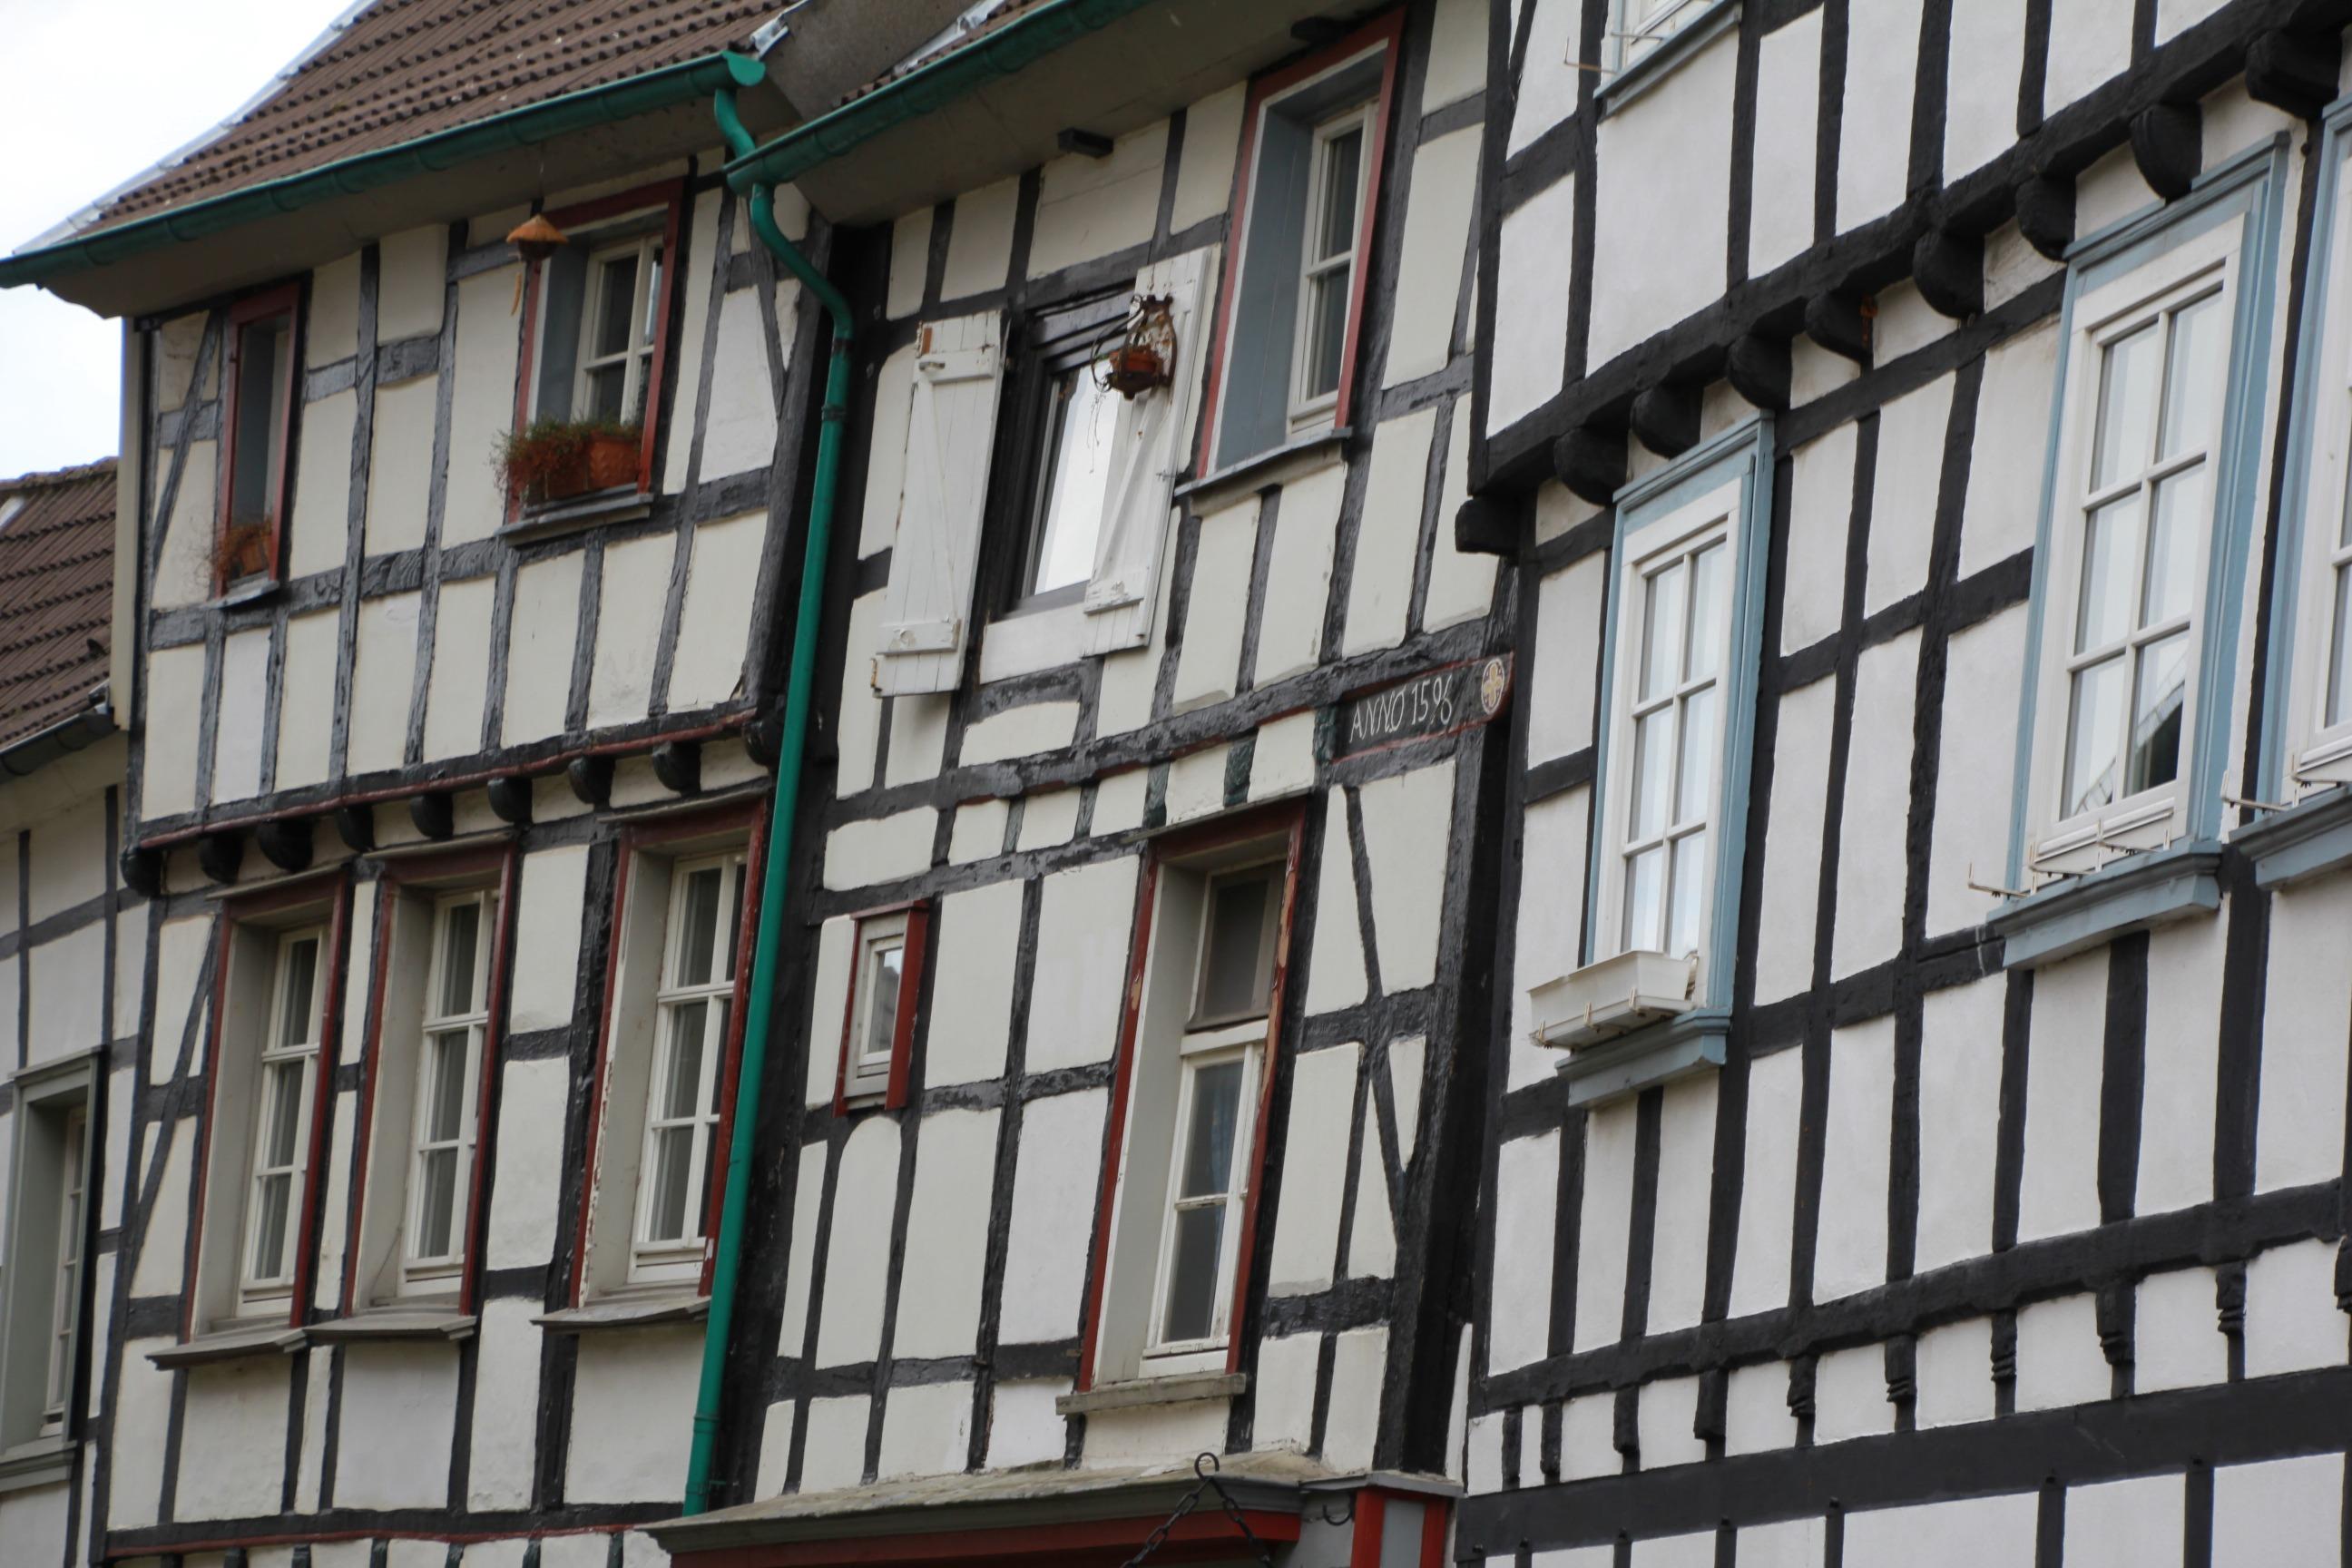 Fenster Hattingen kostenlose foto die architektur haus fenster gebäude fassade